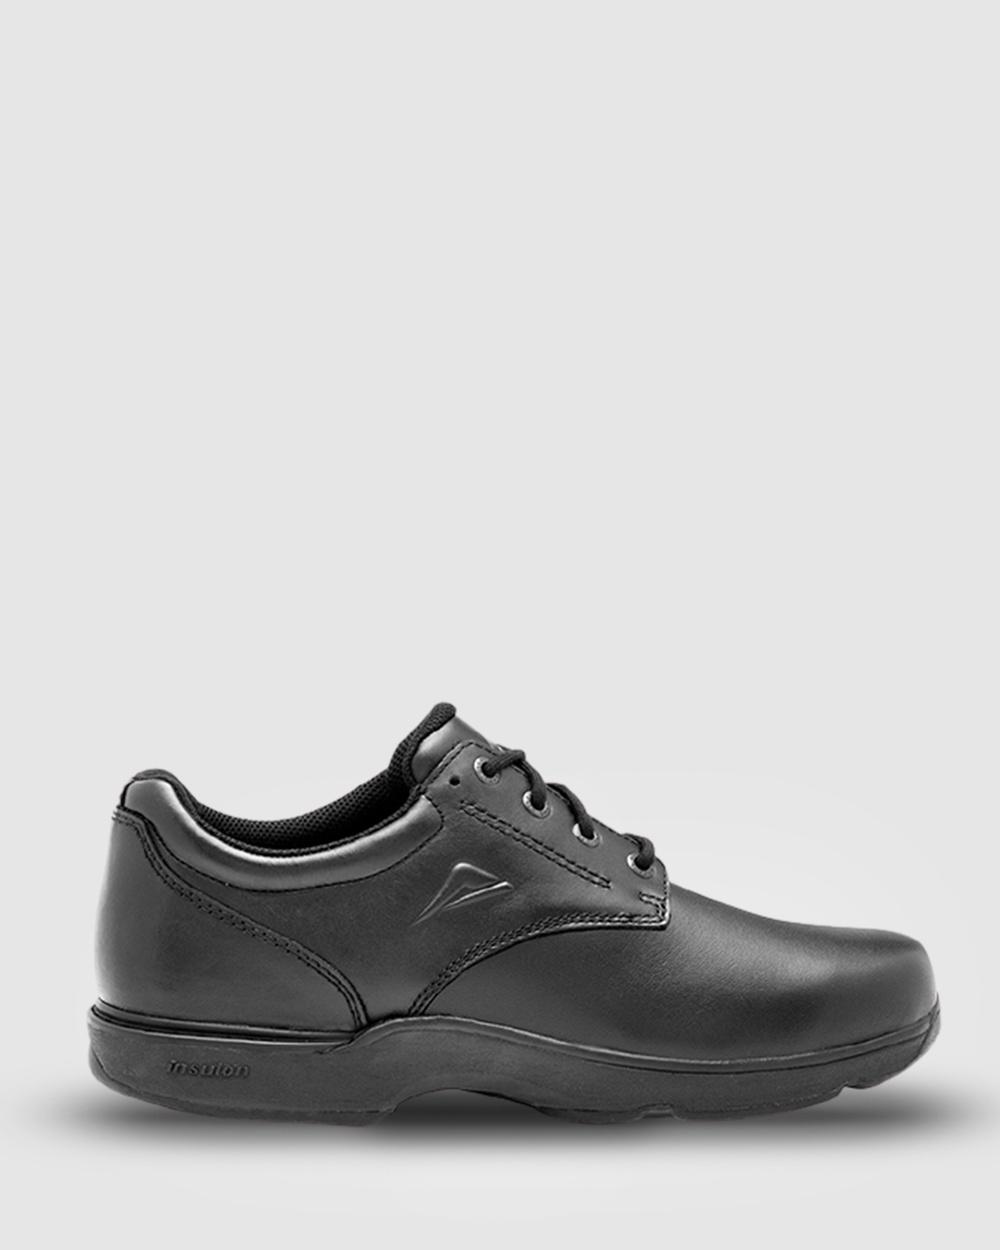 Ascent Apex D Width School Shoes Black Australia